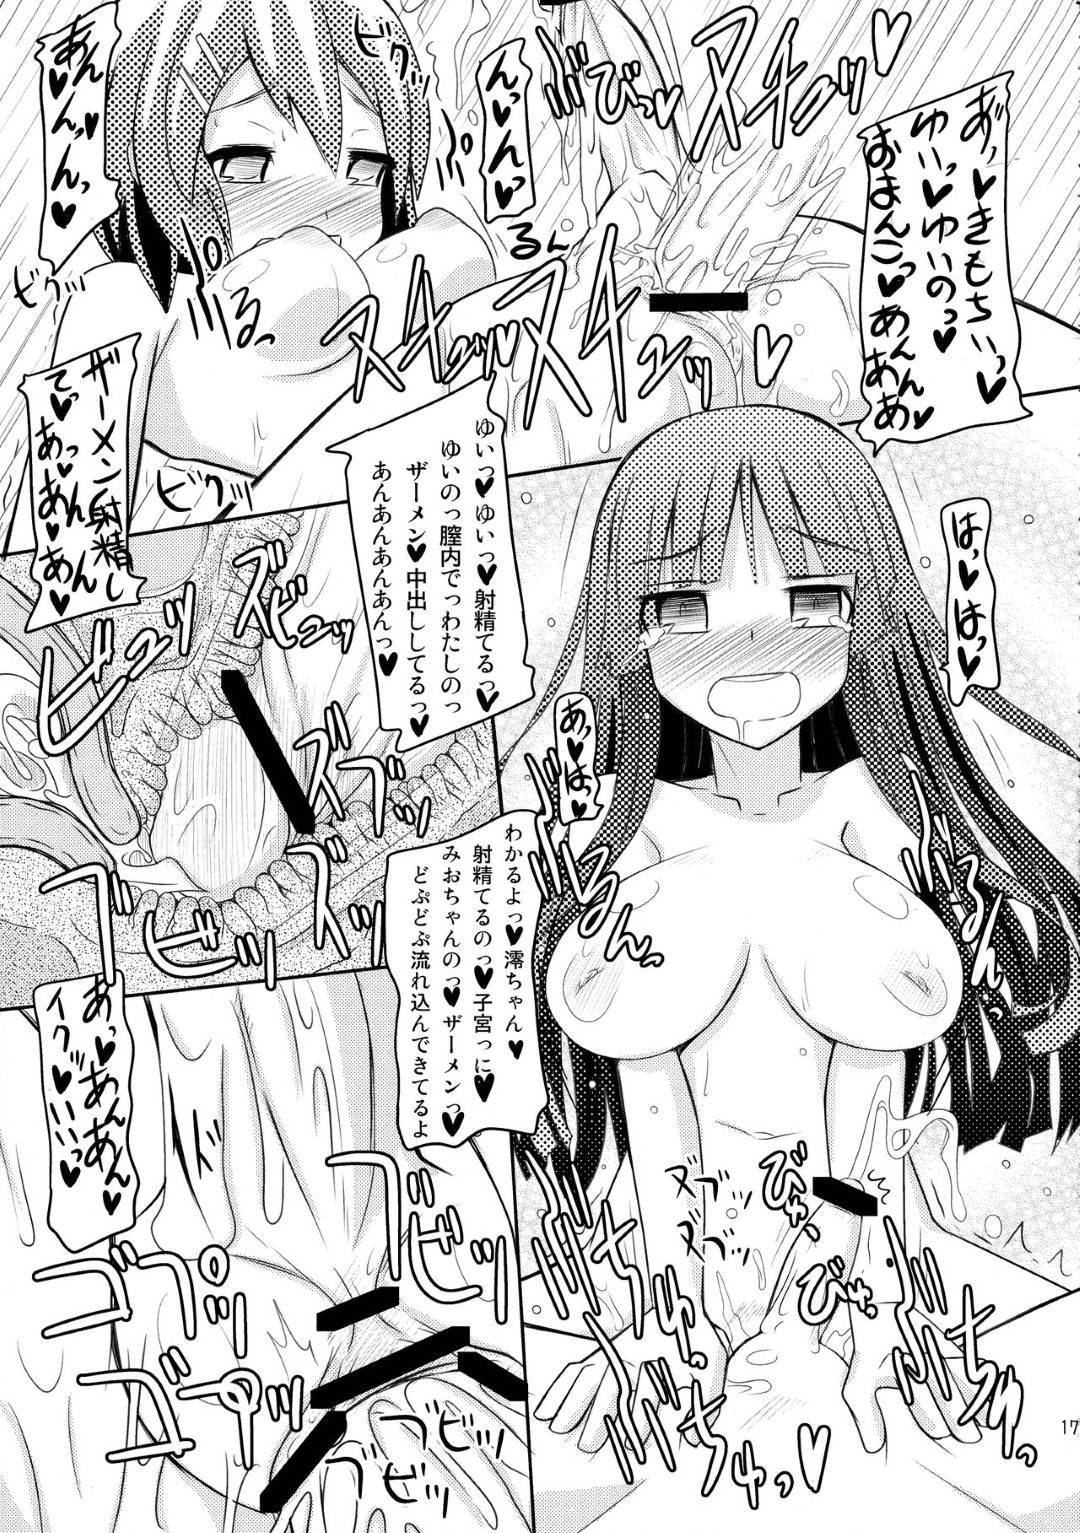 【エロ漫画】ゆいとみおはお互いにおチンポついてるマンコに挿入し合いながら童貞と処女を喪失する生挿入中出しセックス